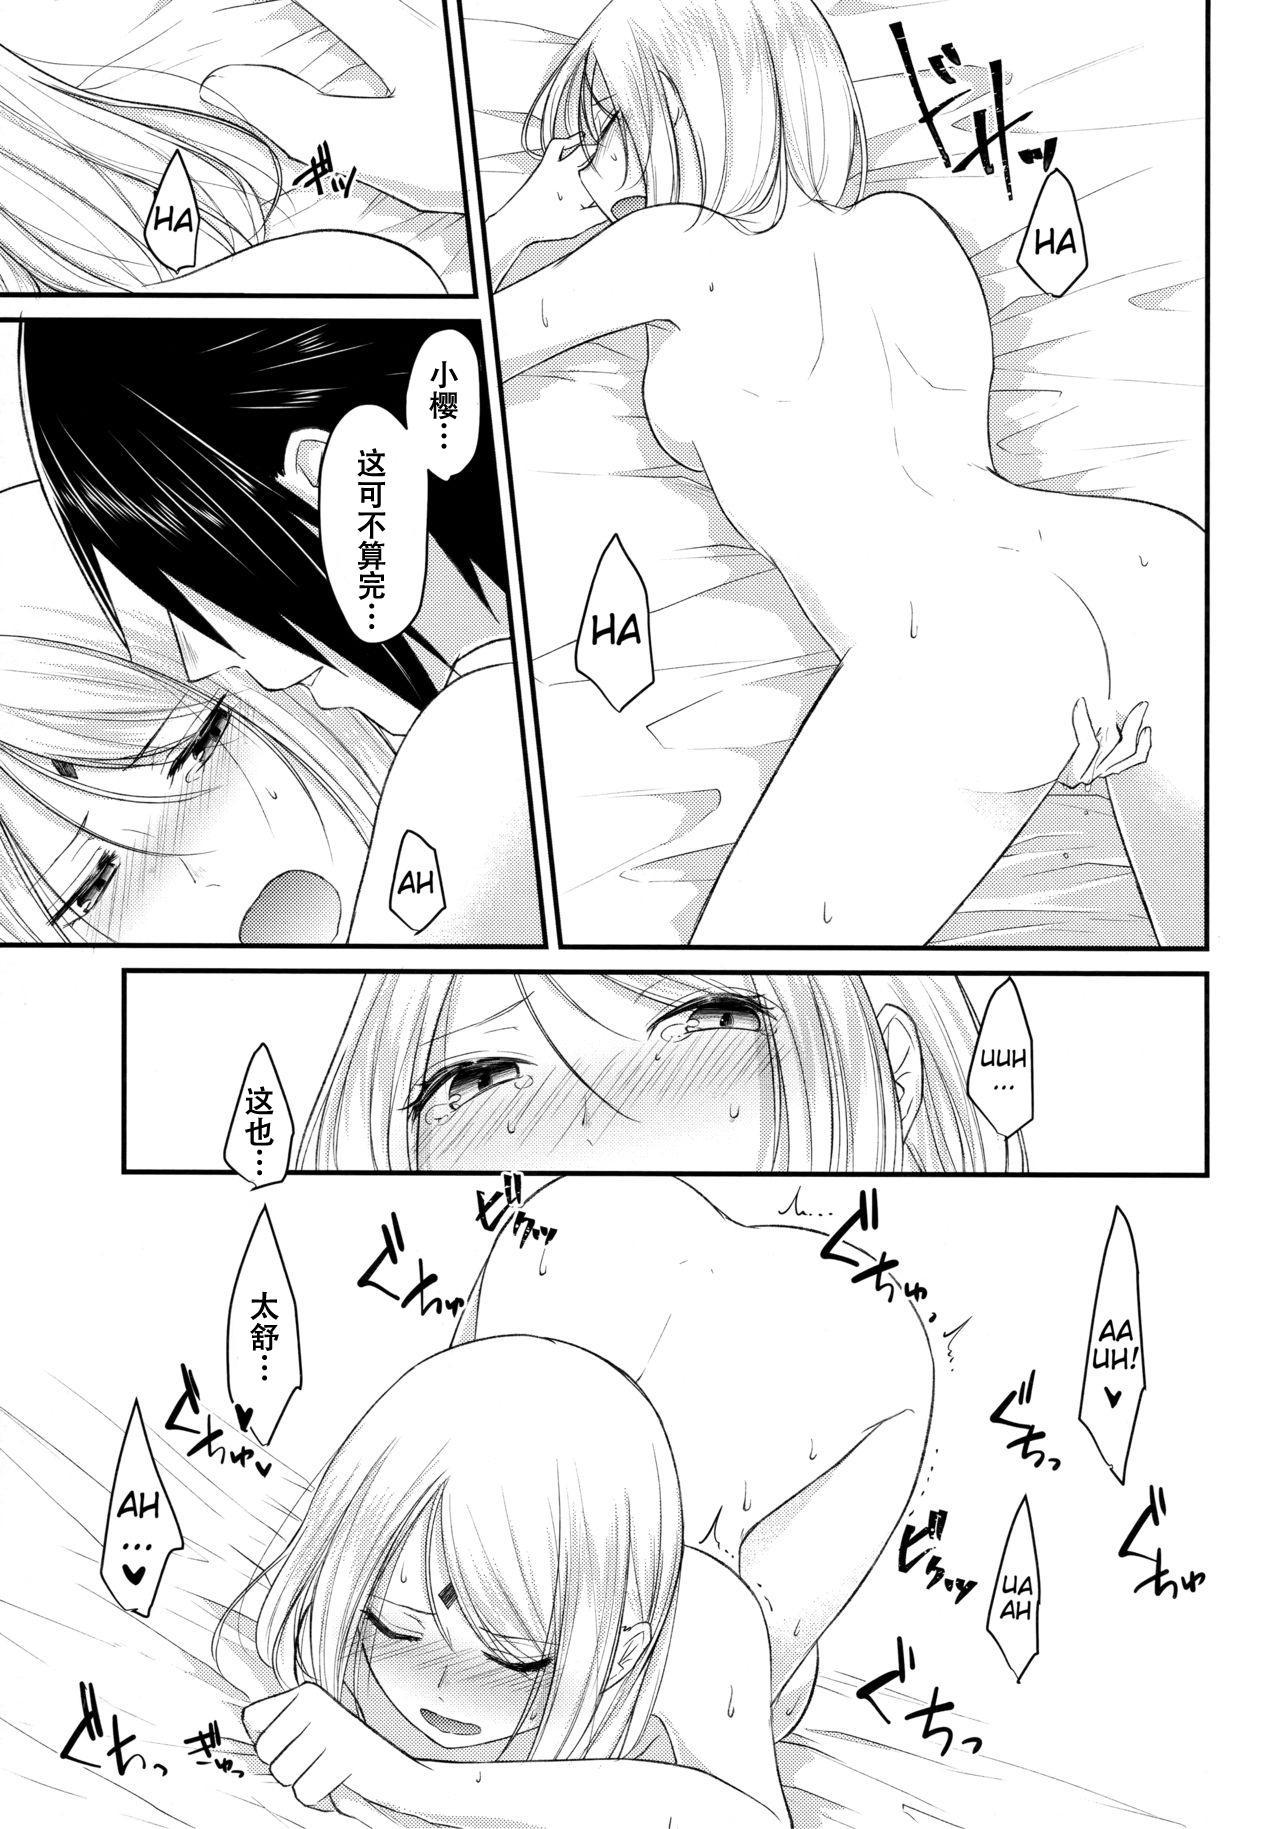 Koukishin wa Neko o Korosu 14